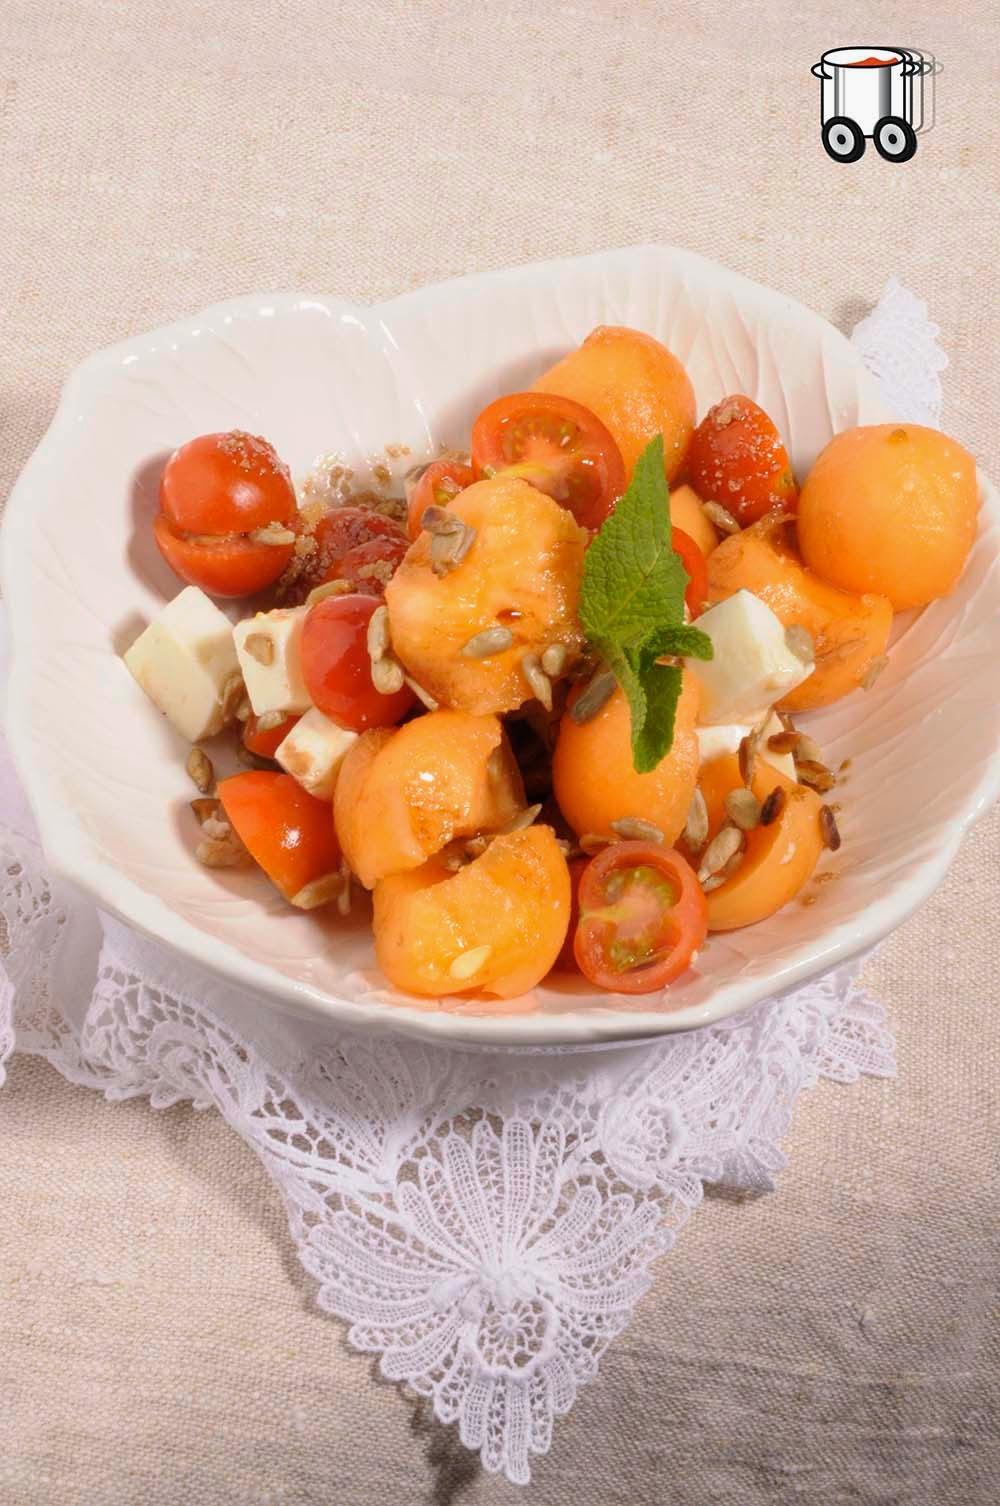 Szybko Tanio Smacznie - Wiosenna sałatka z melona, mozarelli i pomidorków koktajlowych